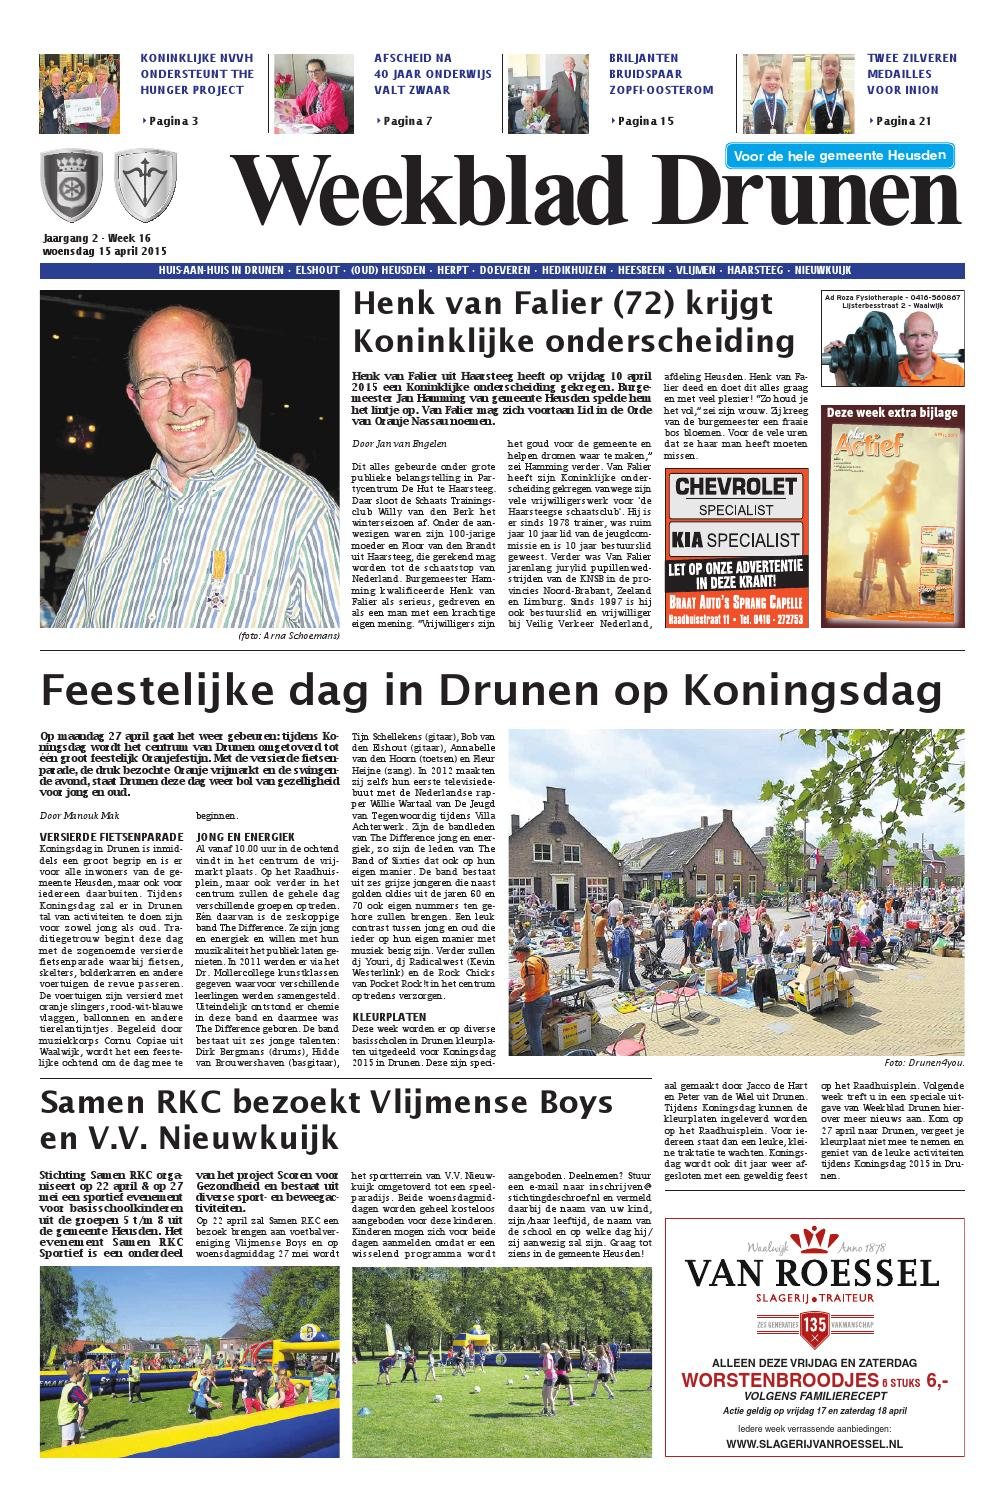 Weekblad Drunen 15 04 2015 By Uitgeverij Em De Jong Issuu